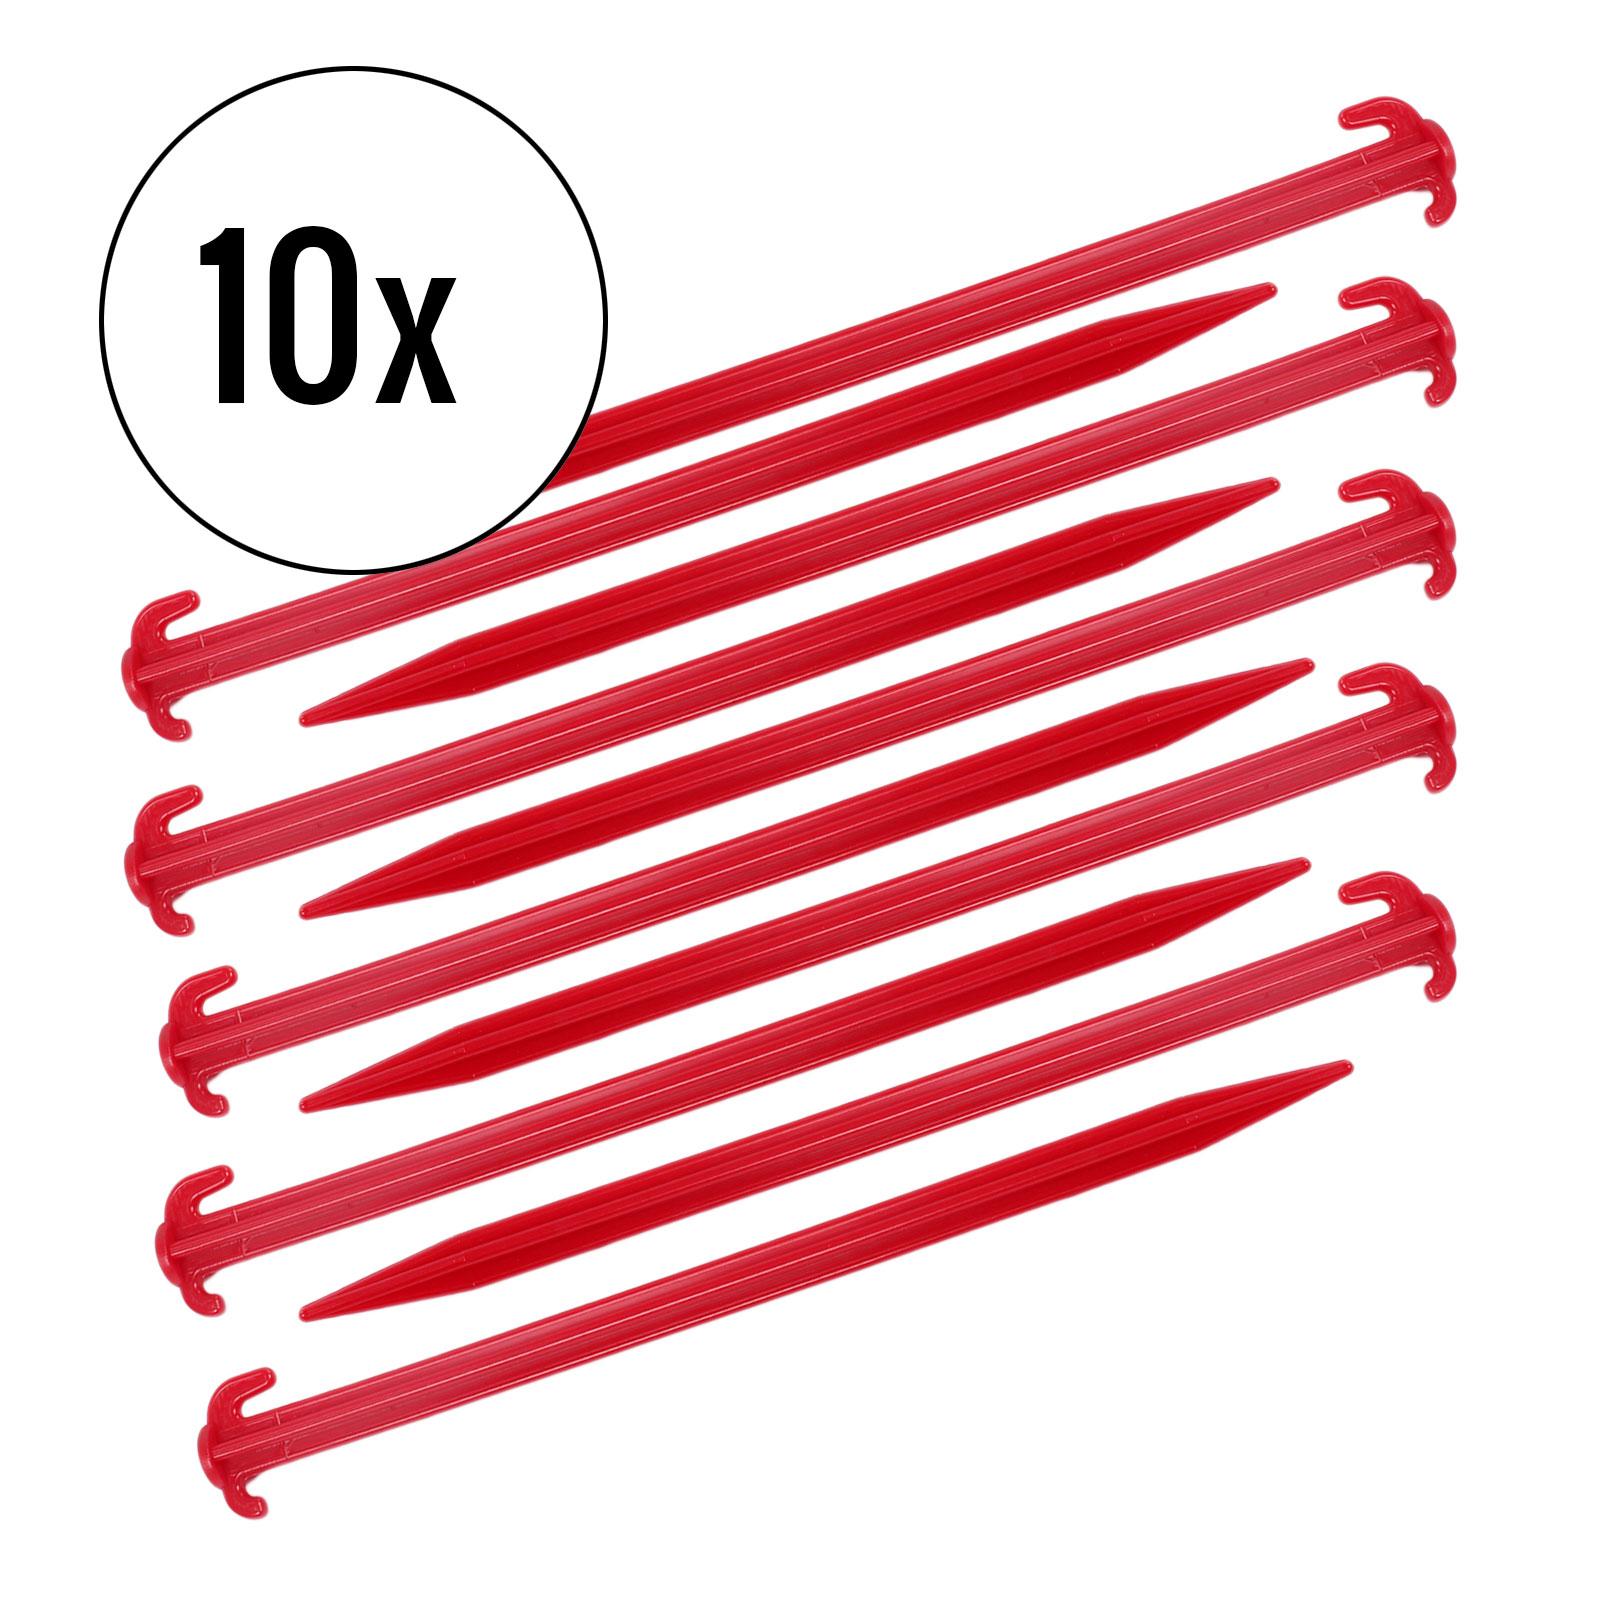 Zeltheringe 10er Set, rot, 30 cm, Kunststoff